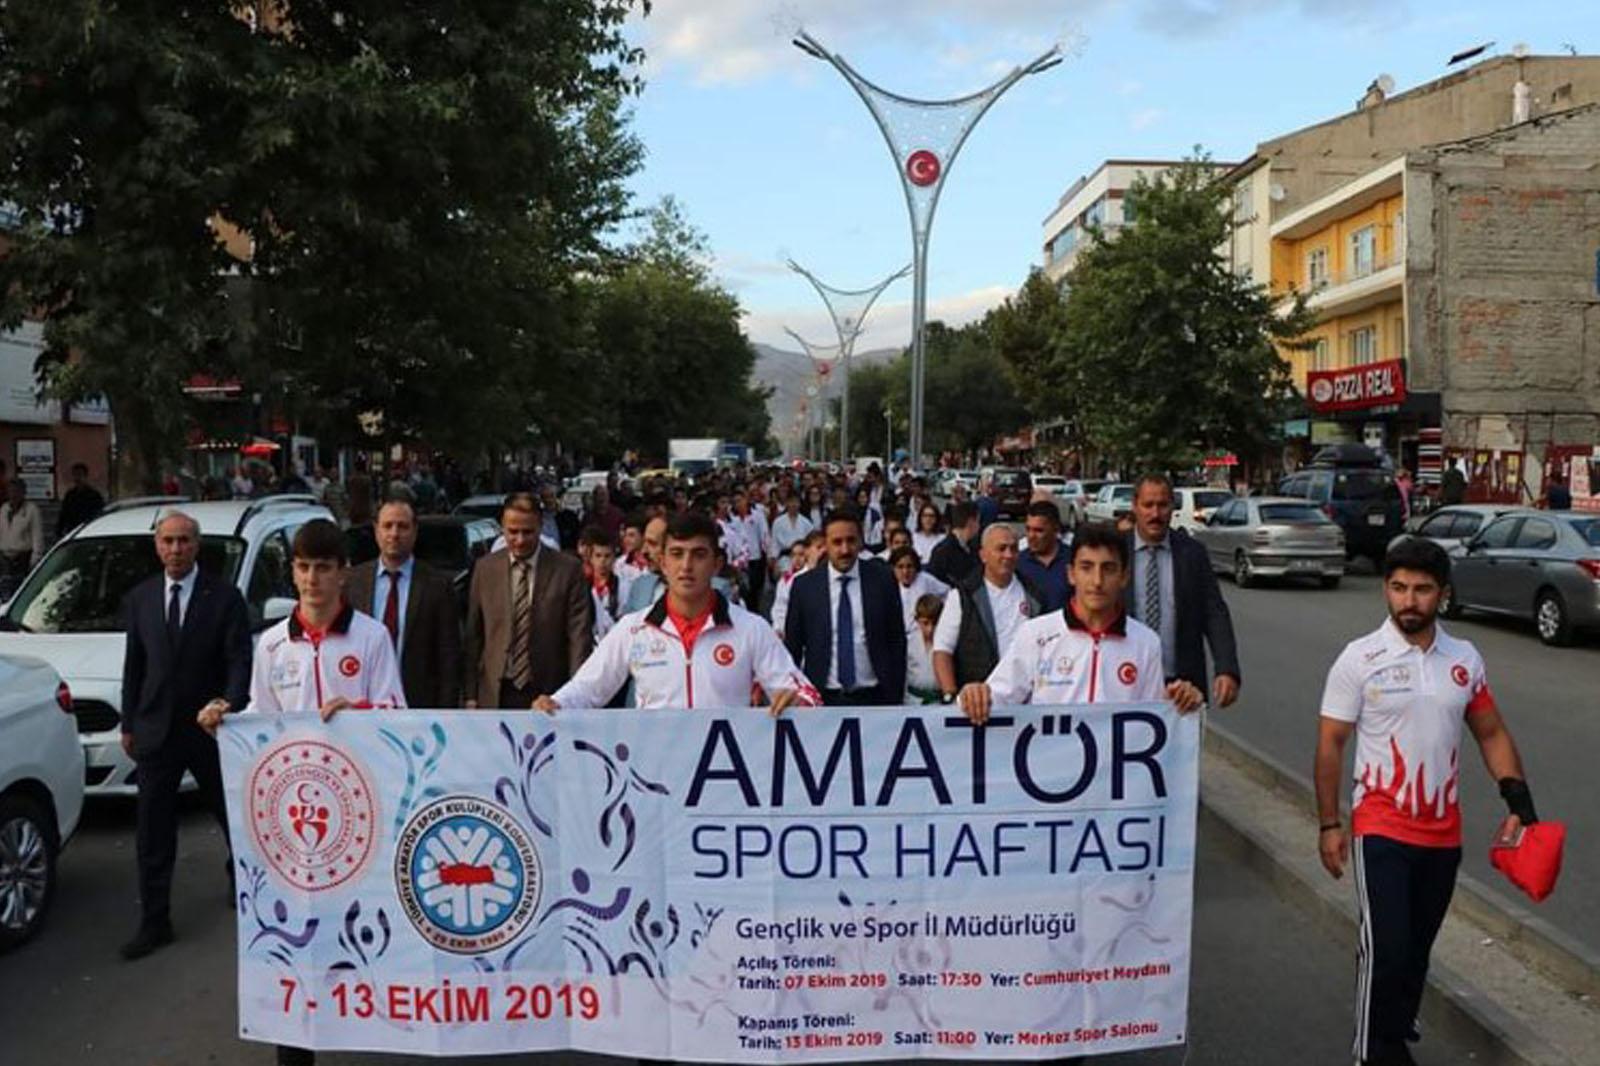 Erzincan'da Amatör Spor Haftası Başladı